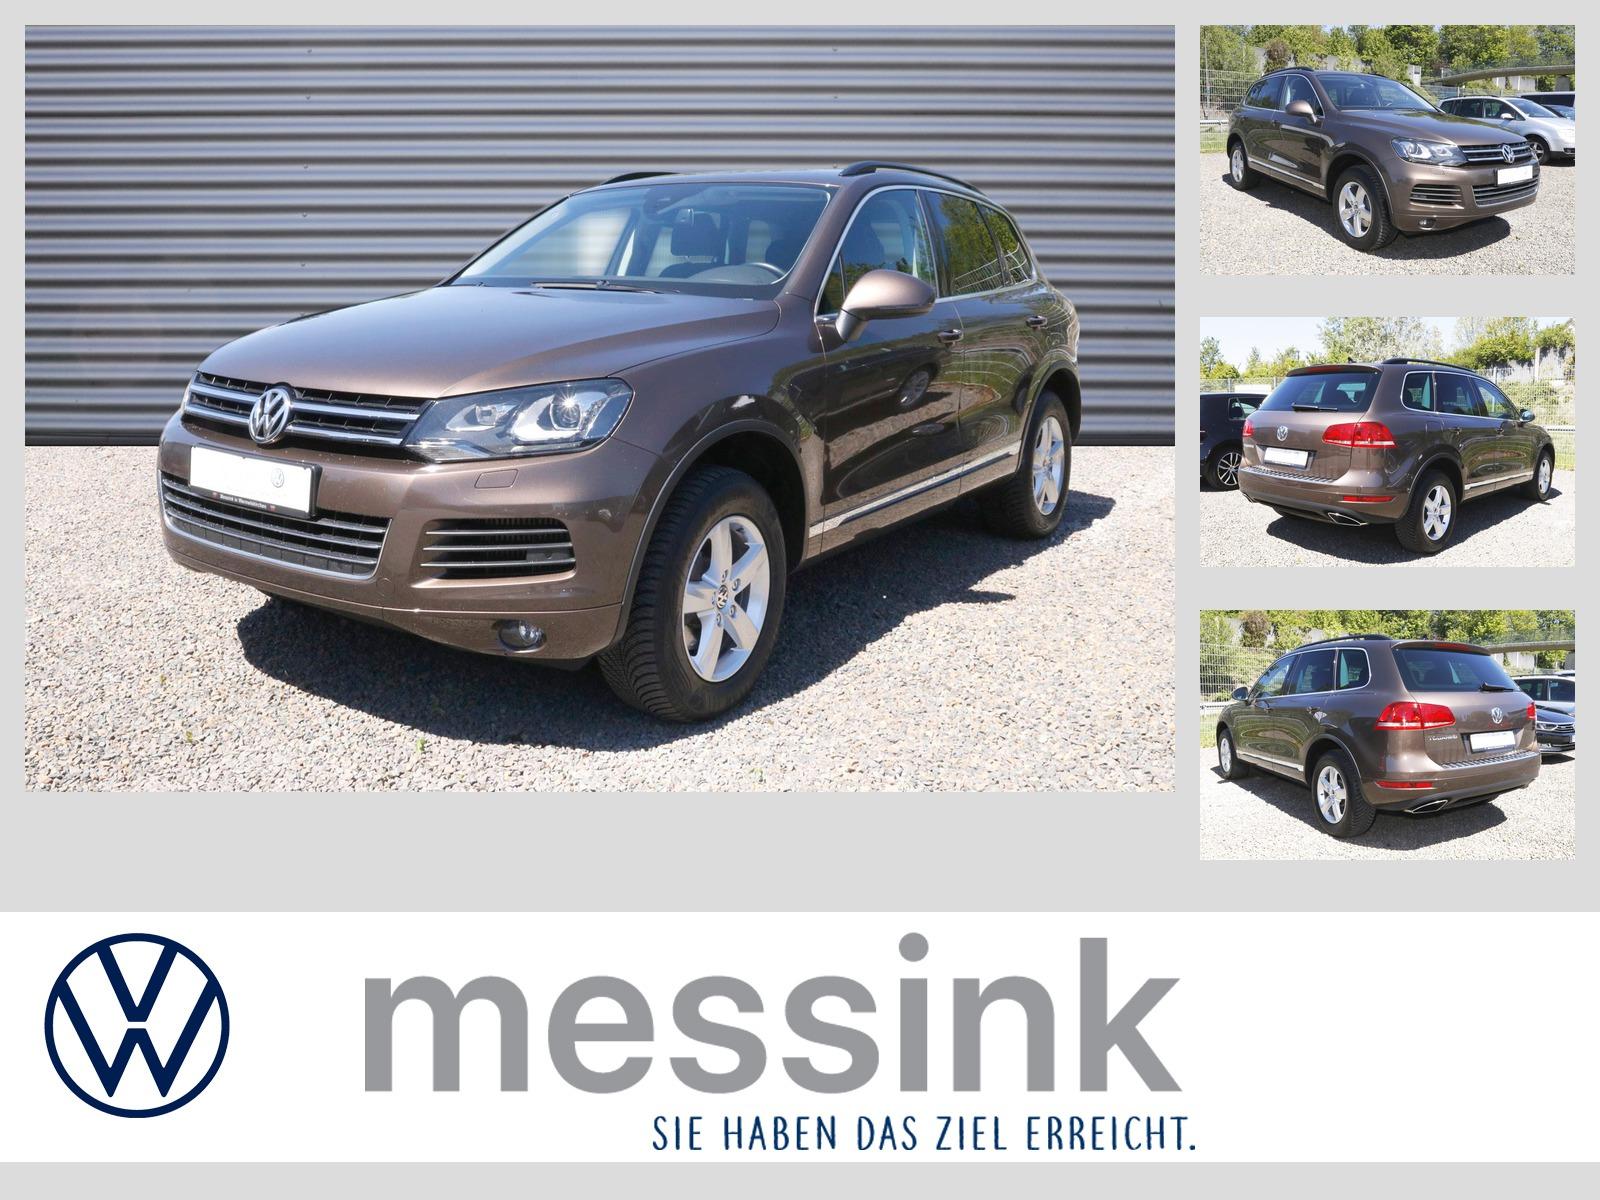 Volkswagen Touareg 3.0 V6 TDI BMT*Leder*Navi* Xenon, Jahr 2014, Diesel